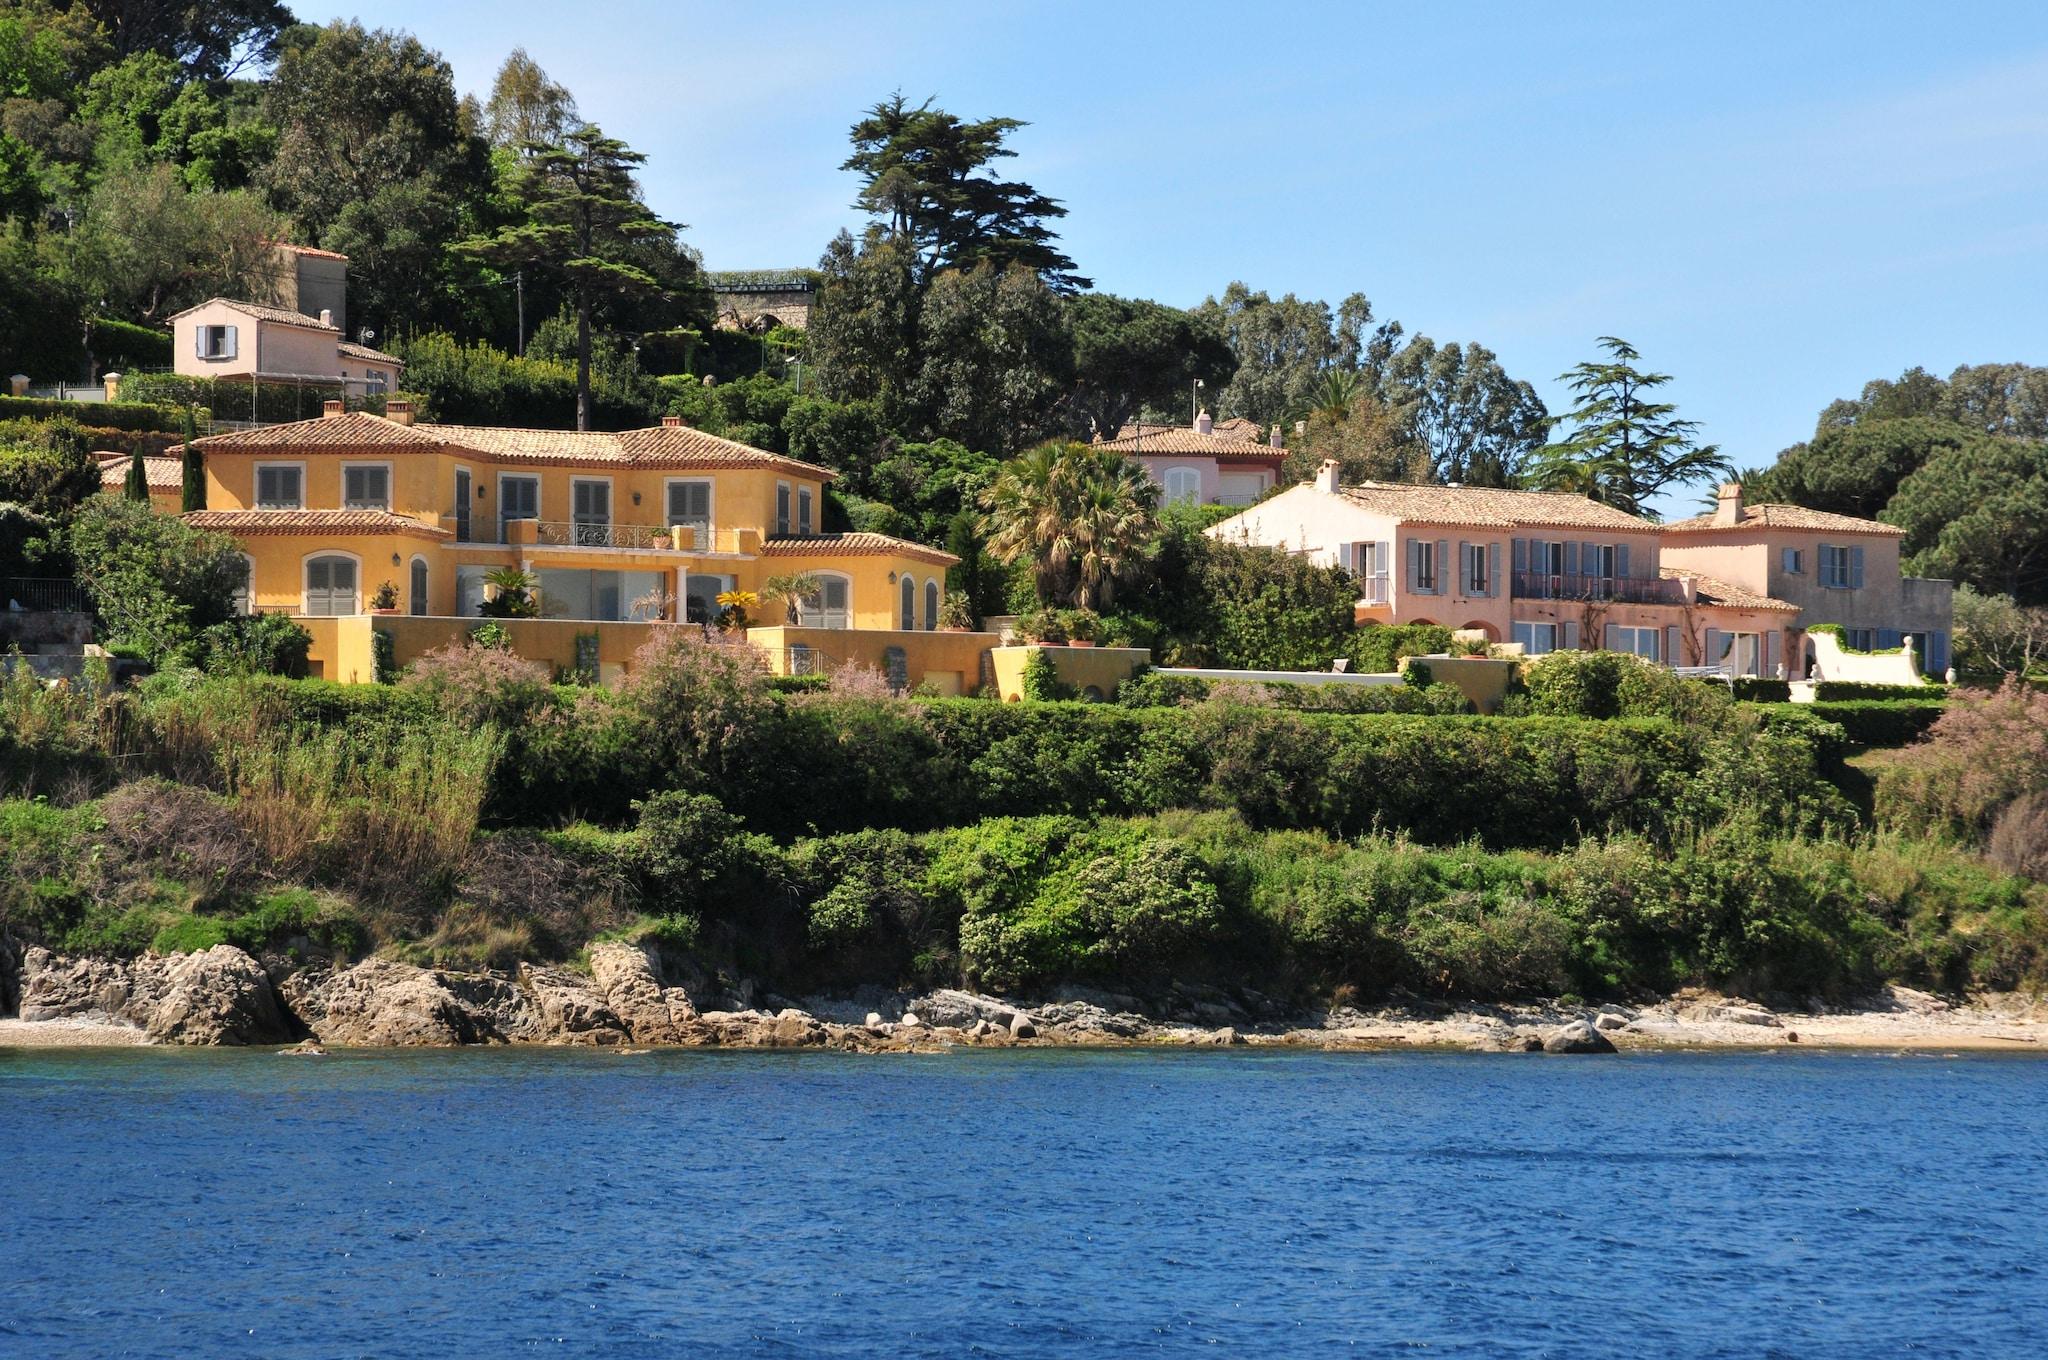 Immobiliare Sant Andrea Concorezzo costa azzurra, in forte ripresa la domanda per le ville di